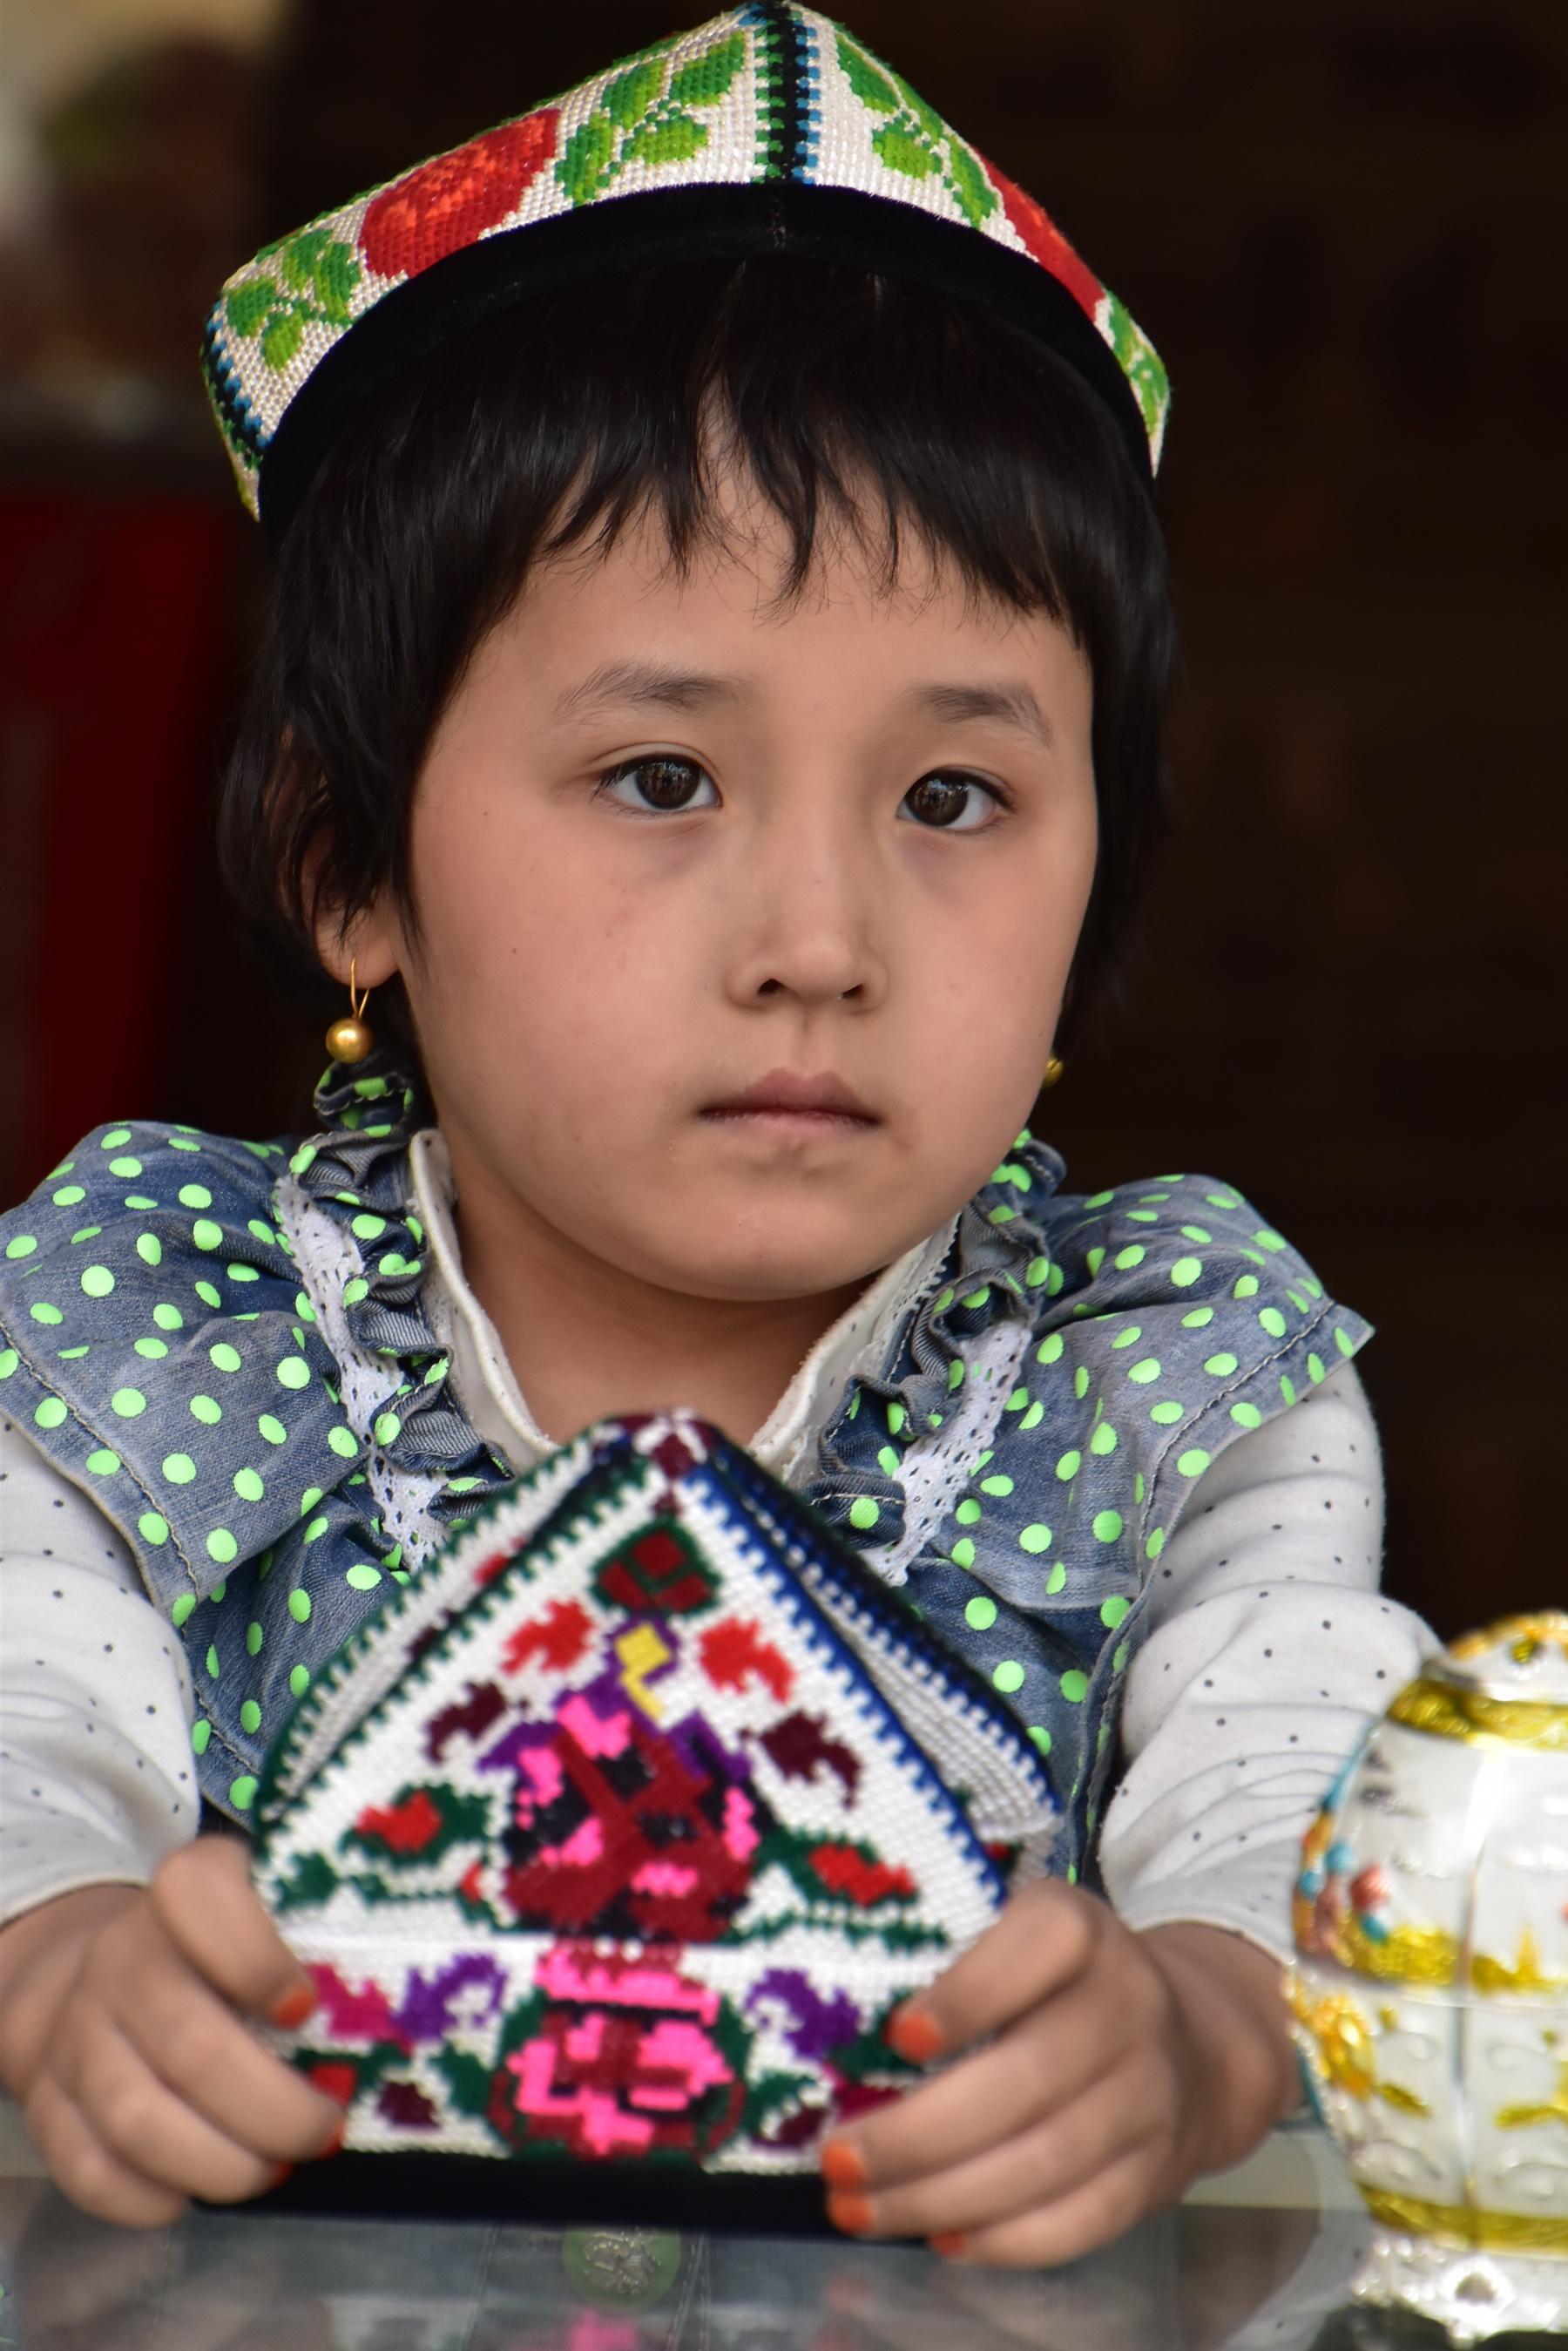 סין - ילדון